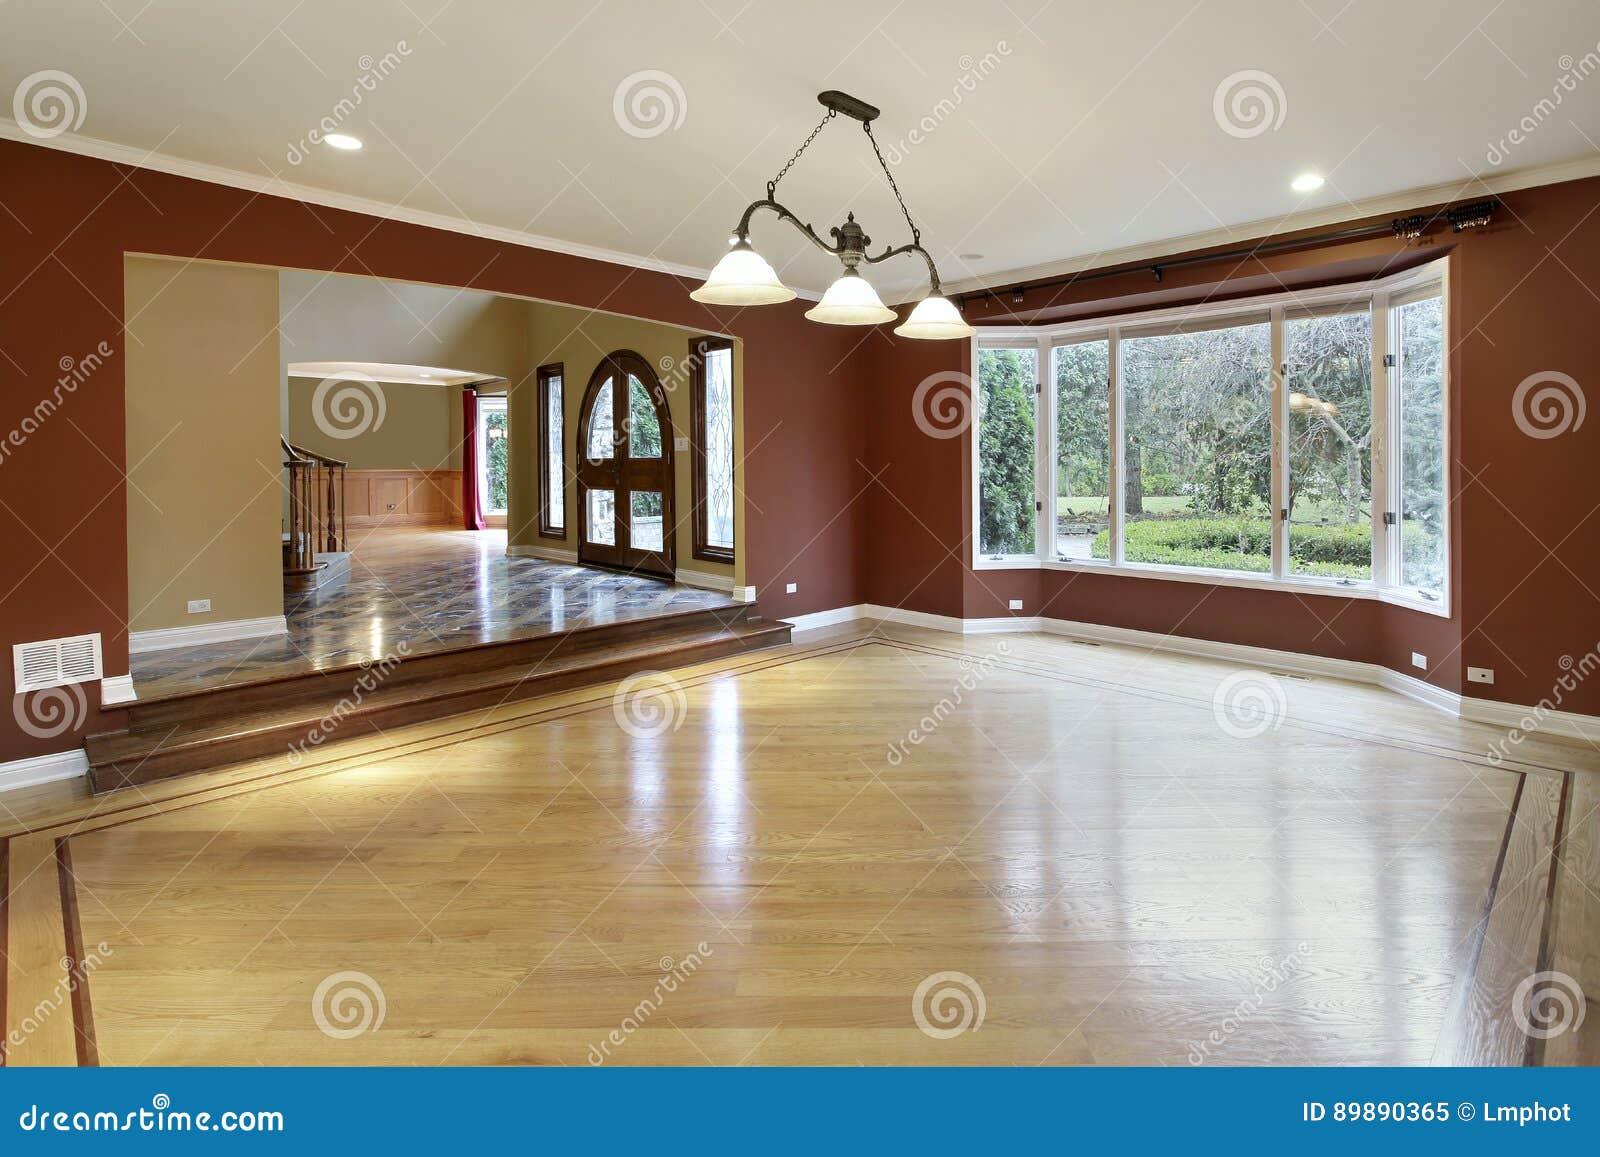 Schönes Wohnzimmer stockbild. Bild von haus, wohnsitz - 89890365